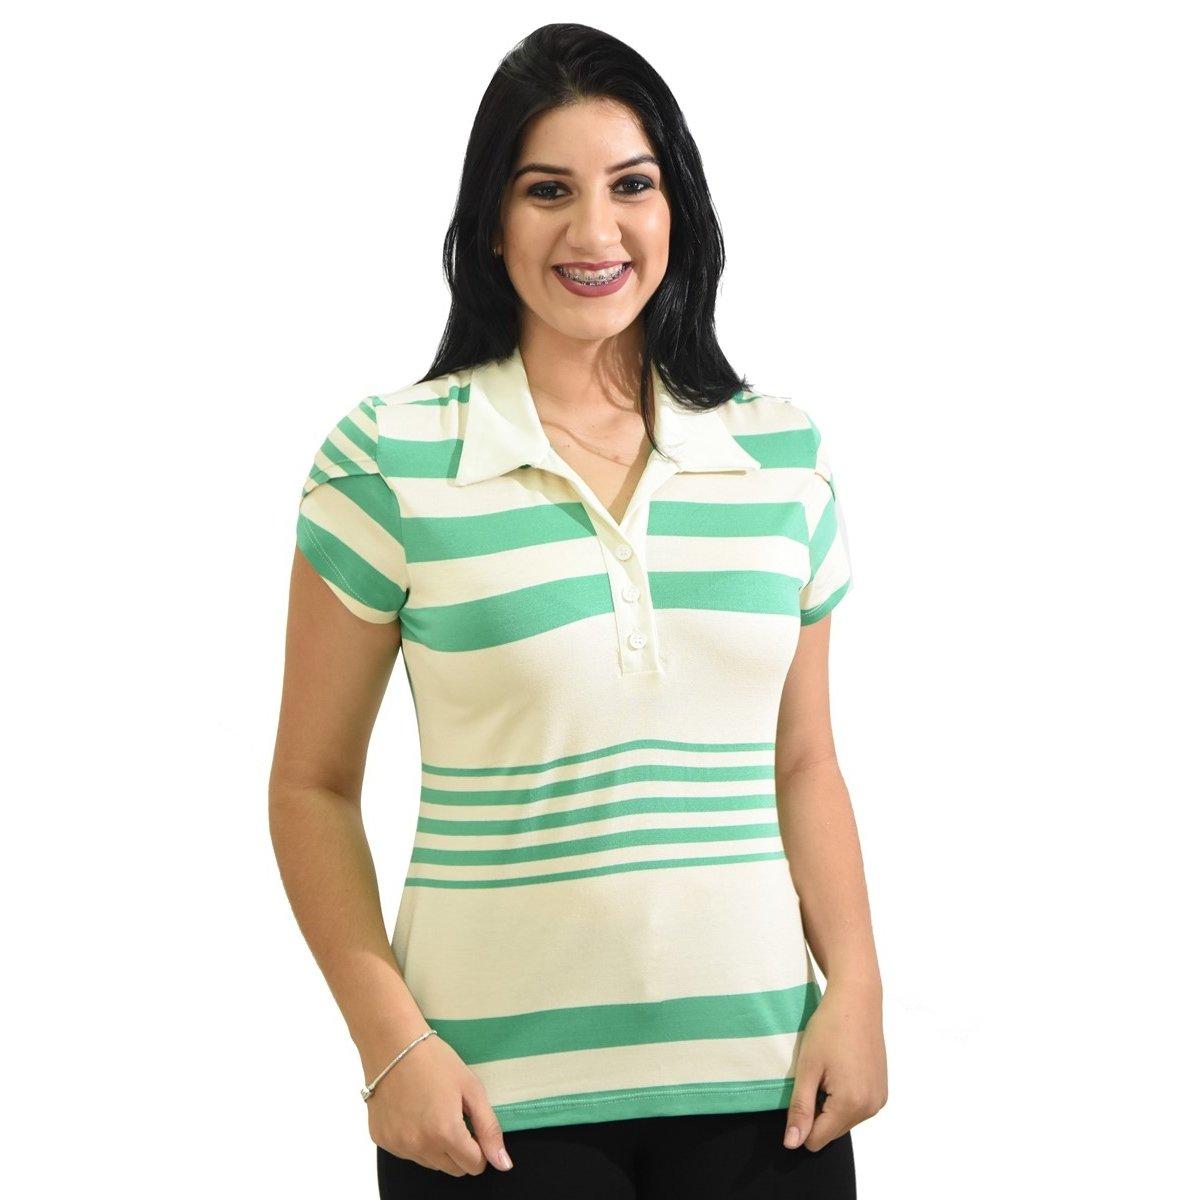 Blusa Moché Camisa Polo - Compre Agora  53ccf7d838328